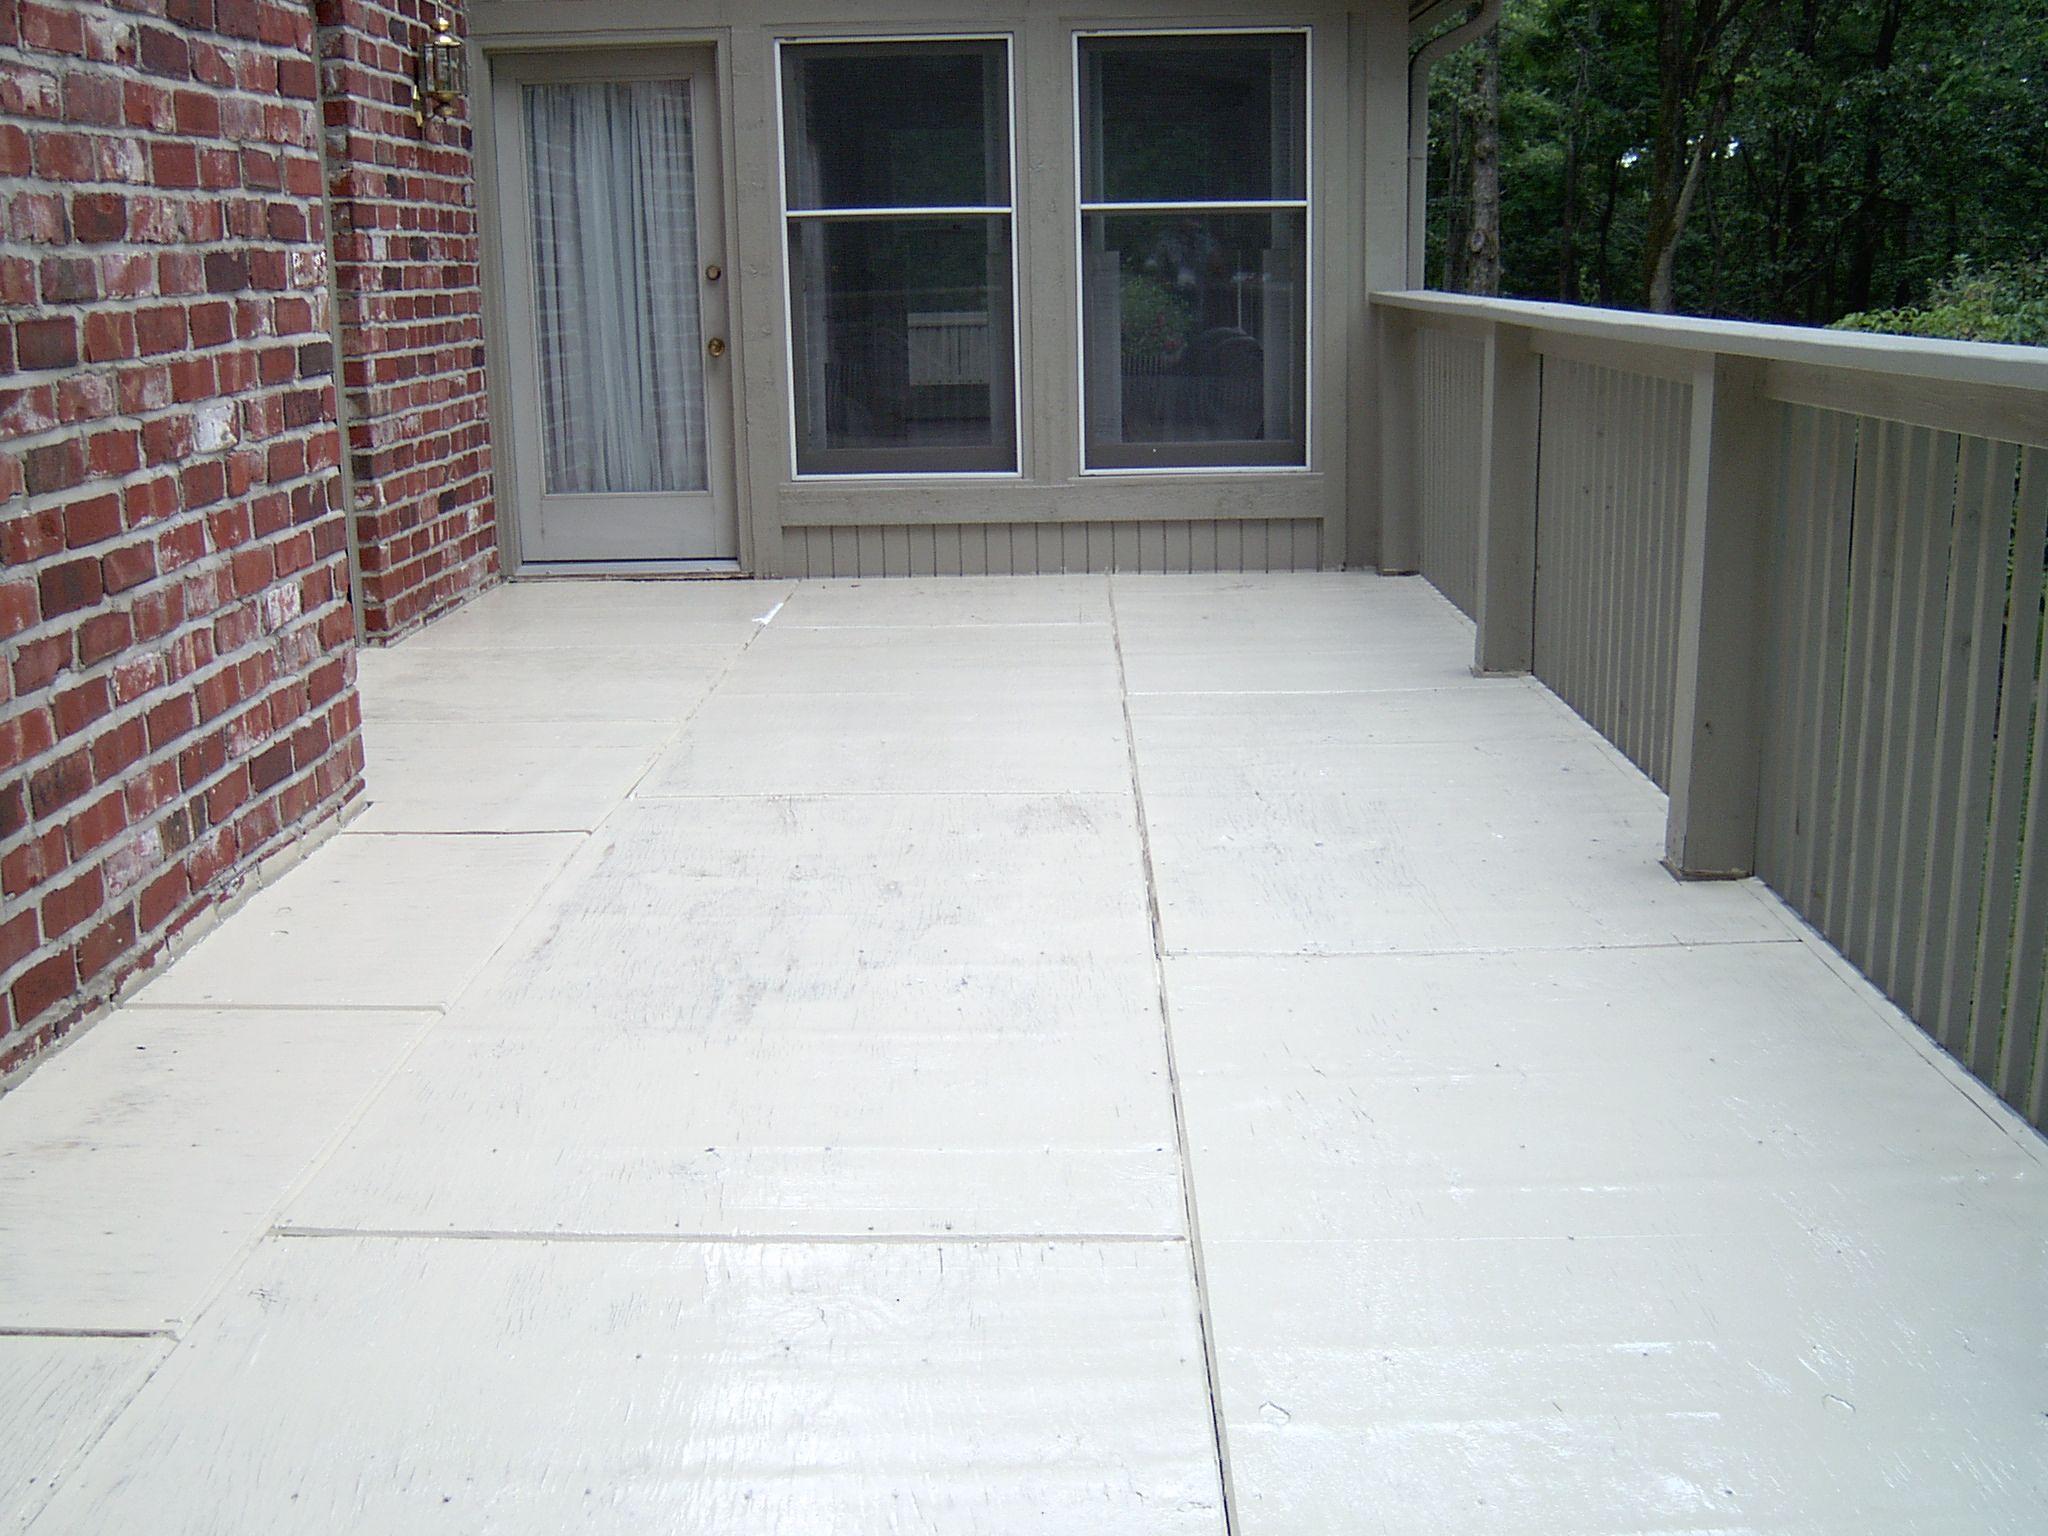 Wood deck repair step by step textured slip resistant plywood wood deck repair do it yourself basement waterproofing sealer solutioingenieria Choice Image